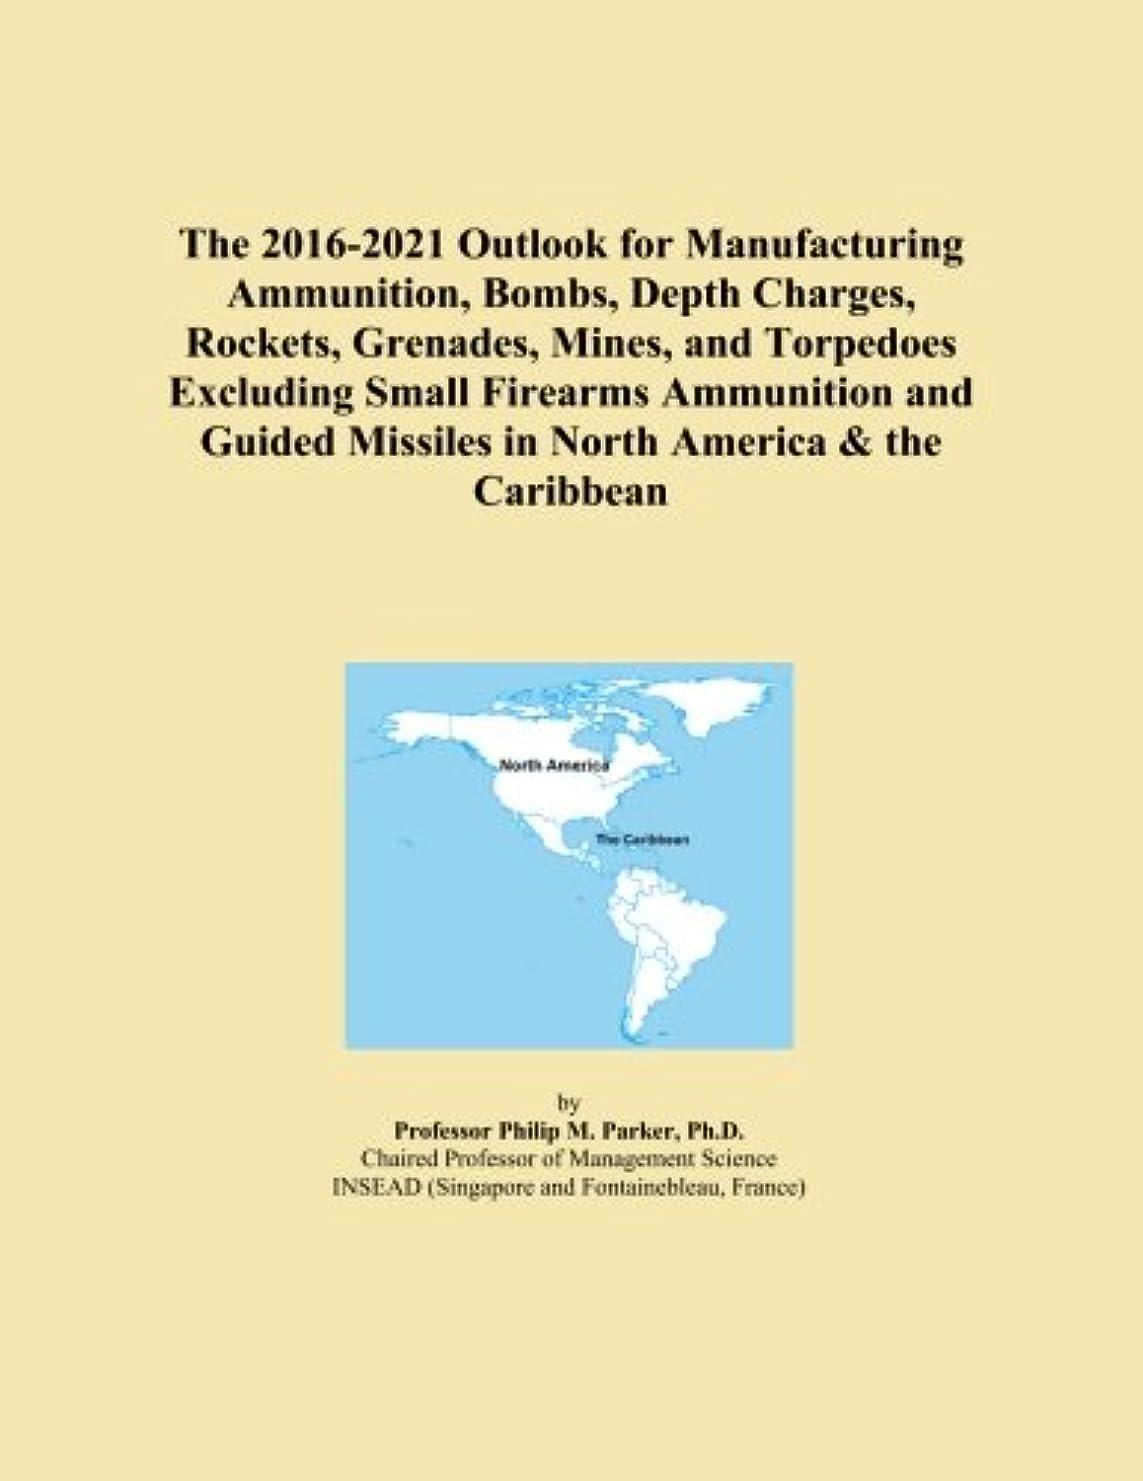 きしむハンディキャップ心のこもったThe 2016-2021 Outlook for Manufacturing Ammunition, Bombs, Depth Charges, Rockets, Grenades, Mines, and Torpedoes Excluding Small Firearms Ammunition and Guided Missiles in North America & the Caribbean